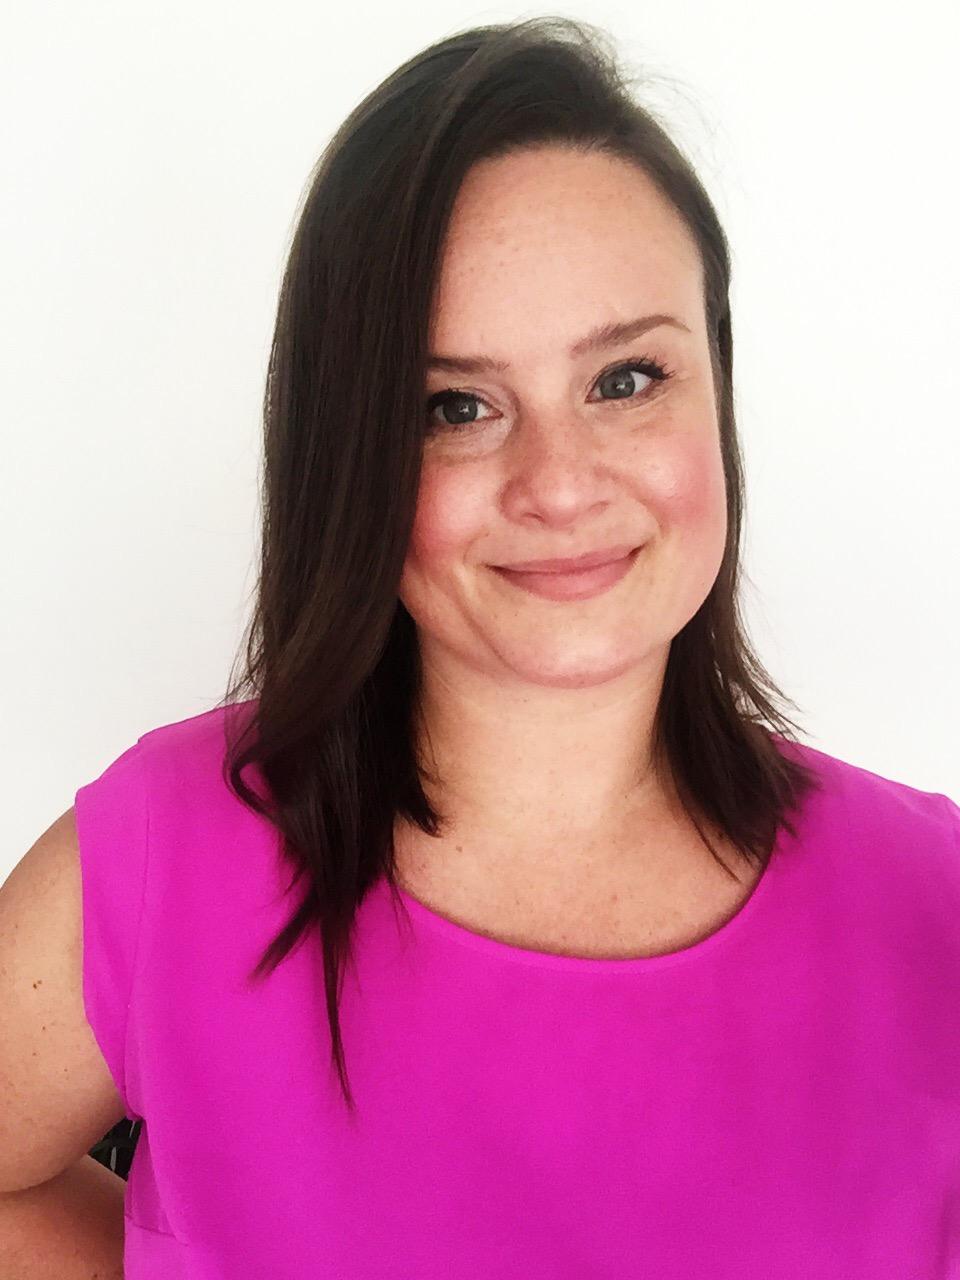 Nicole Daksiewicz